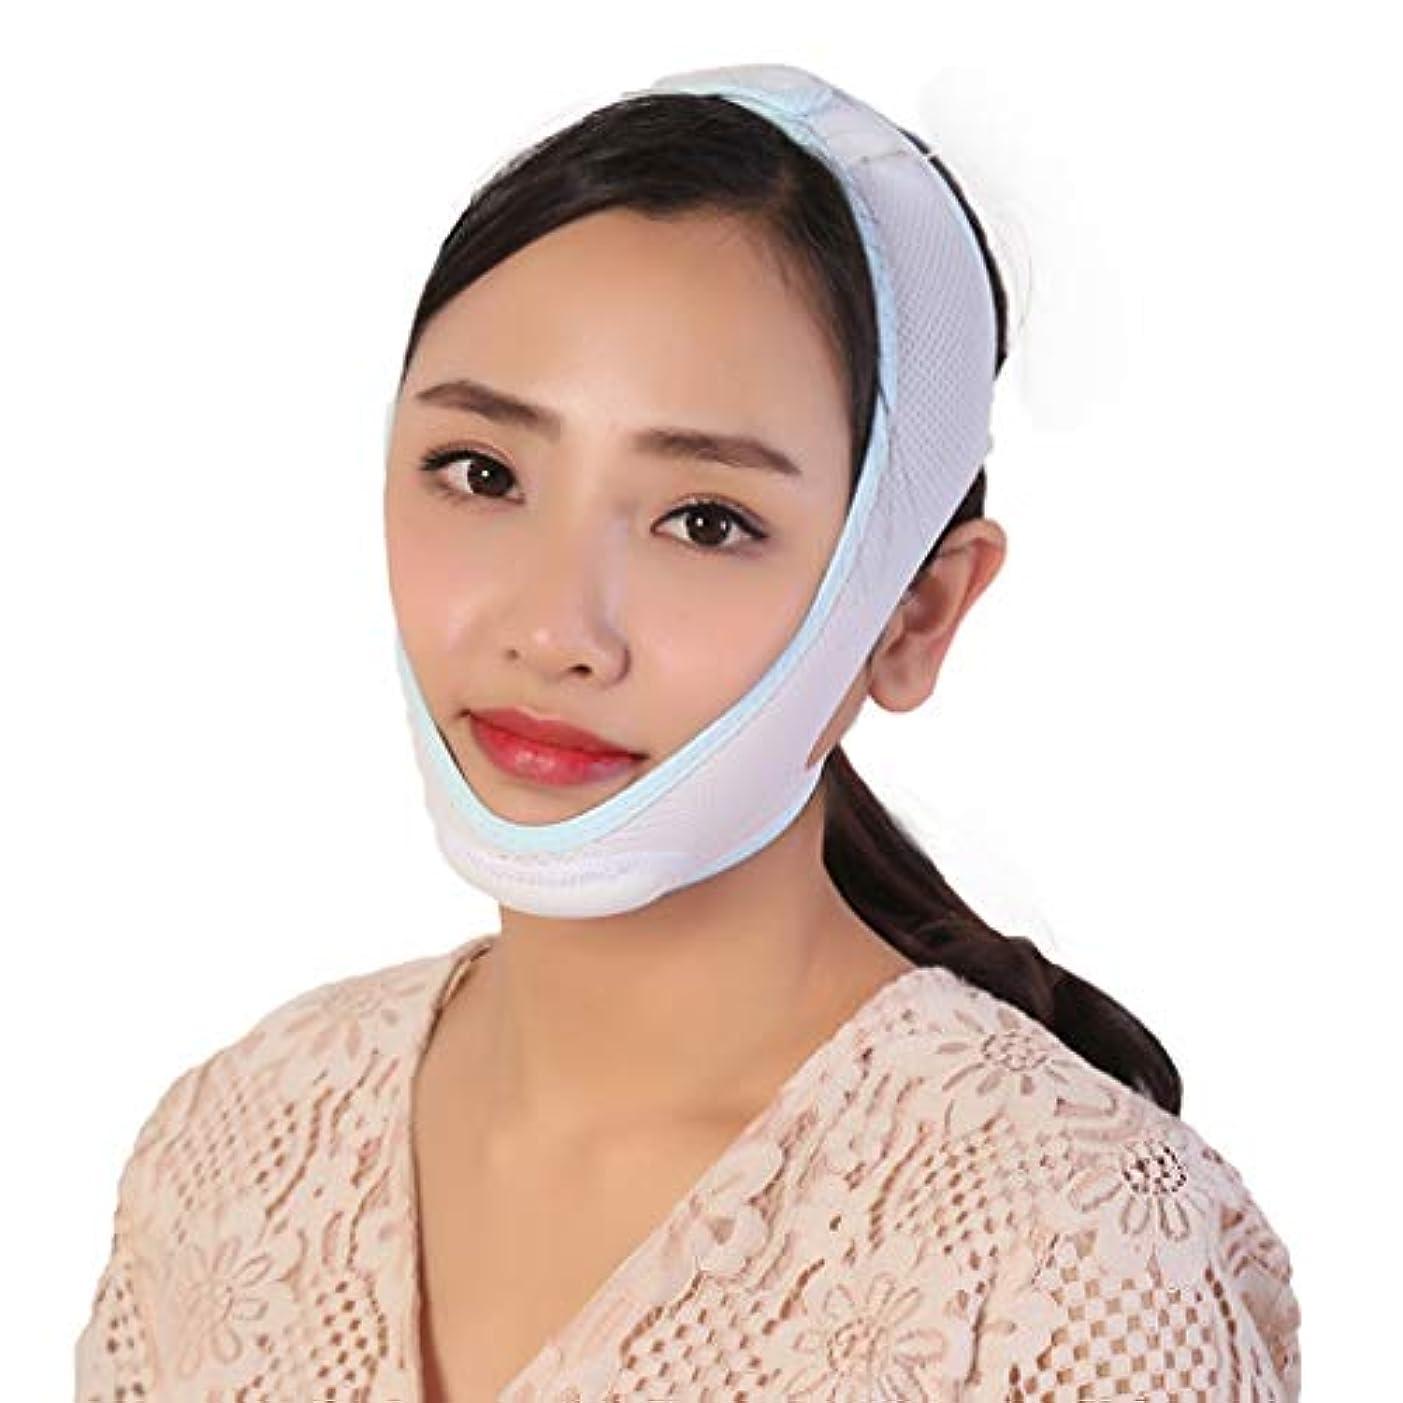 差別的スリップアレキサンダーグラハムベル顔の顔を持ち上げる顔のマスクを改善するために快適な顔面曲線包括的通気性包帯